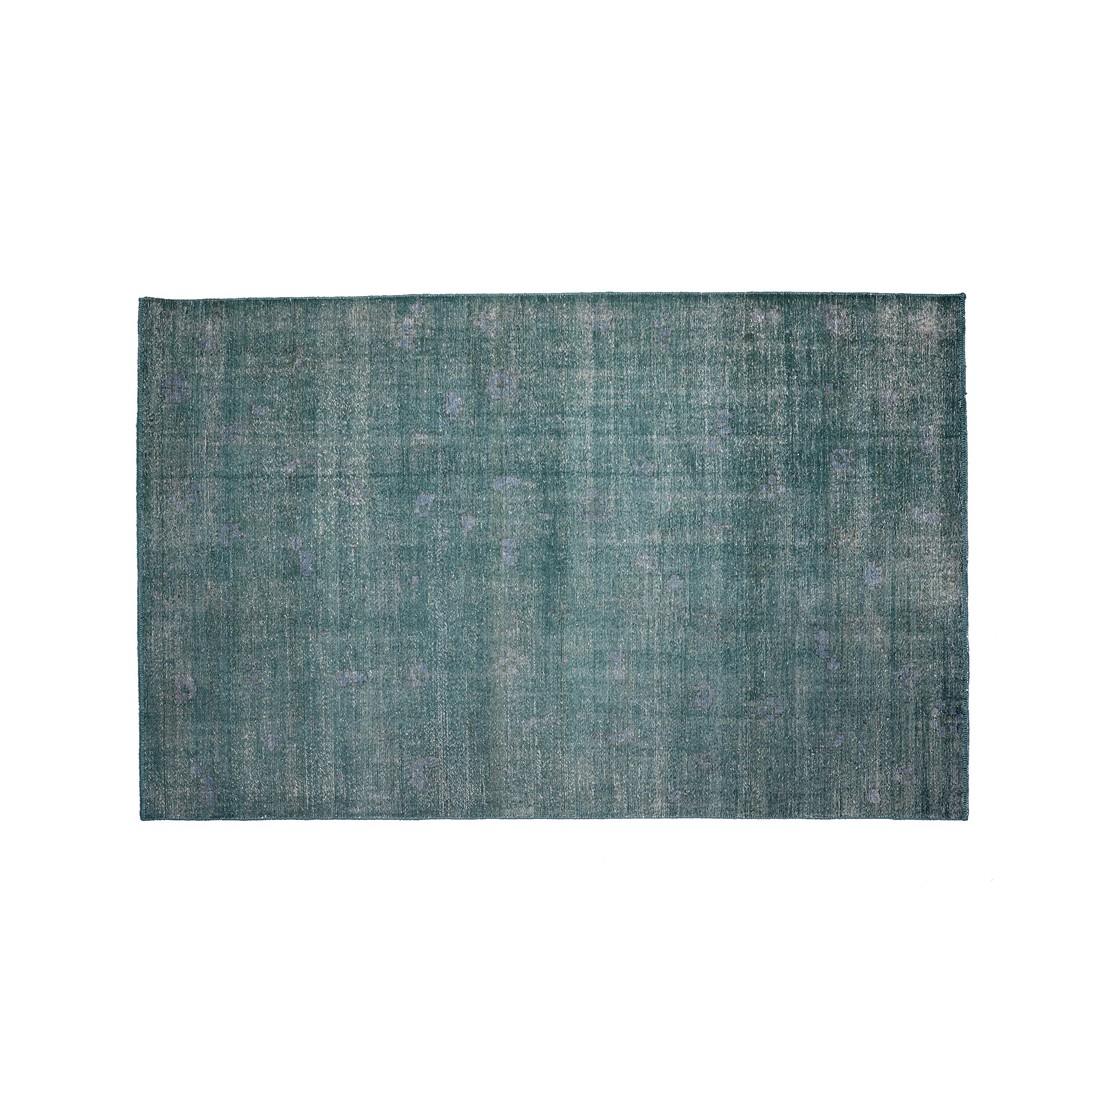 Teppich Sari - Wolle - Grün - 300 x 200, ikarus